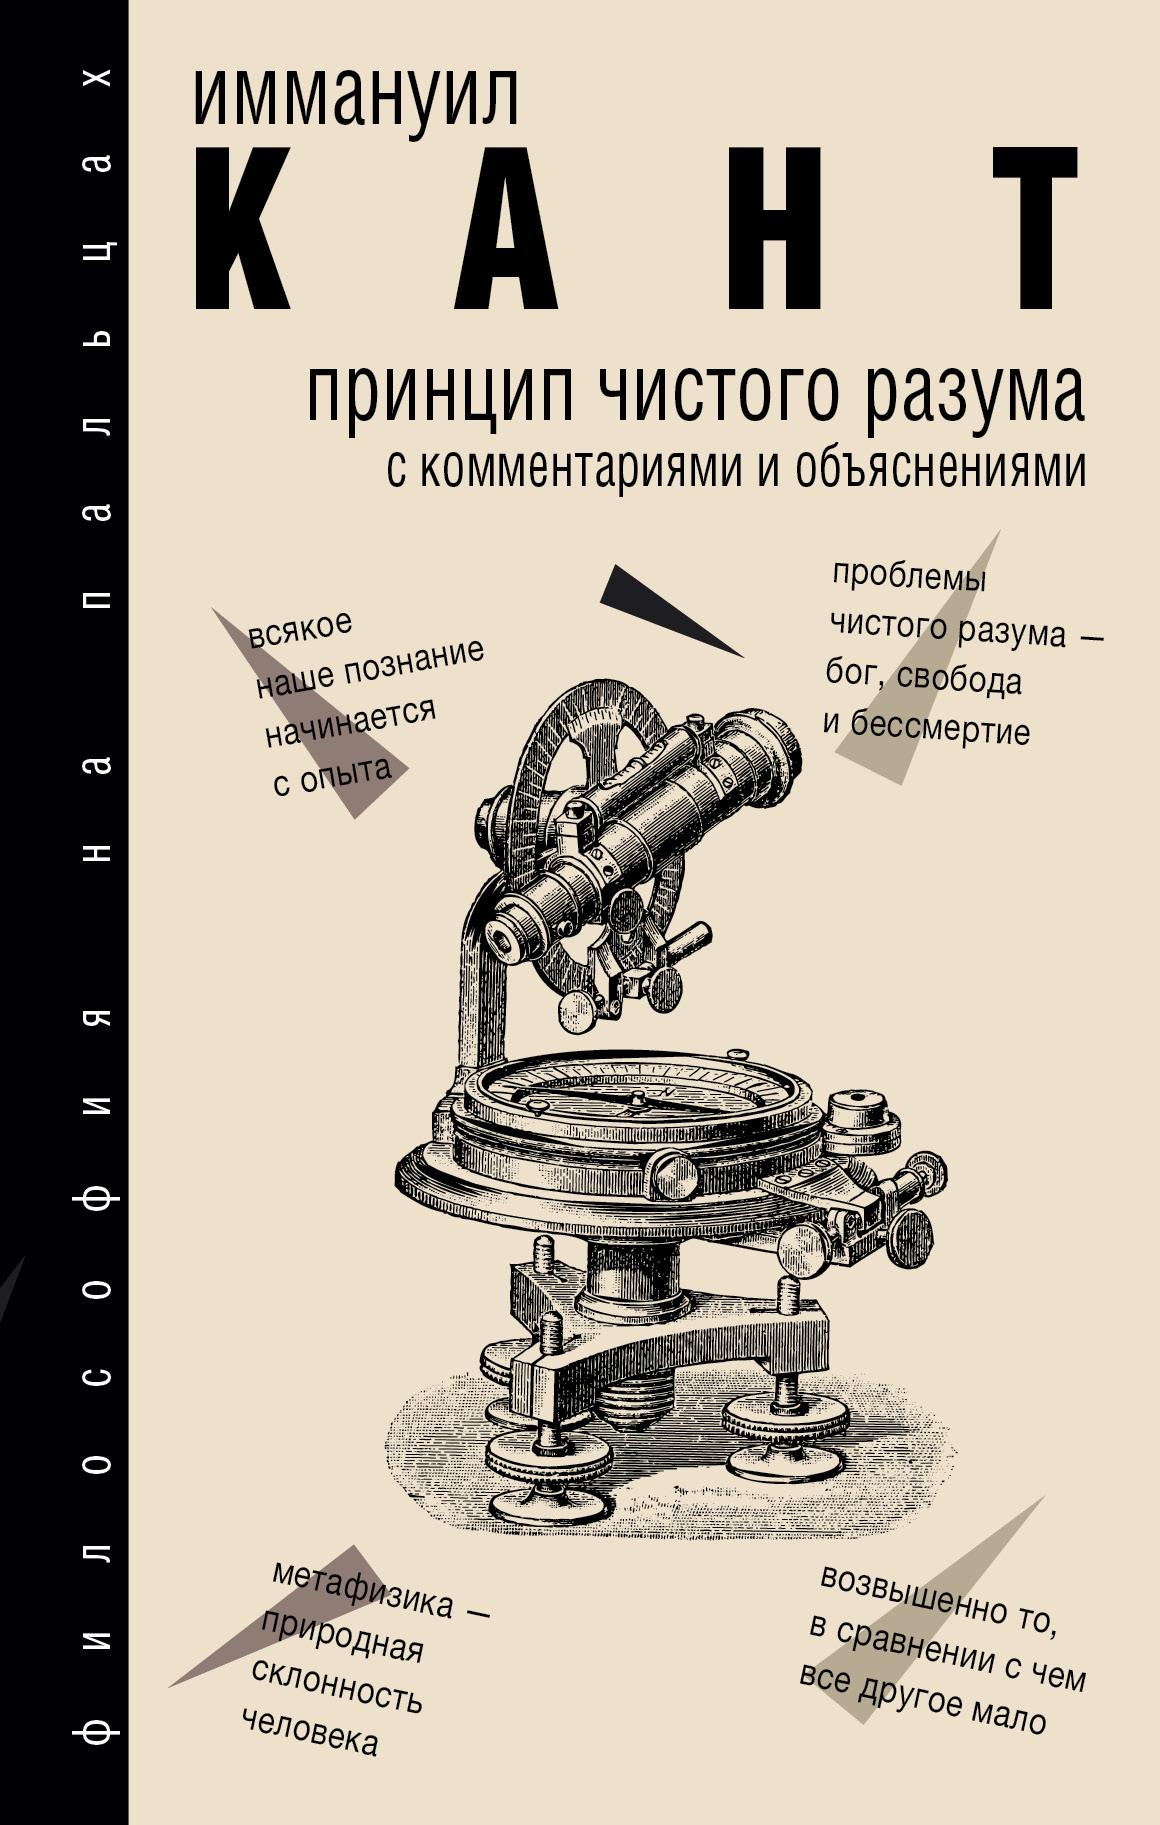 Иммануил Кант Принцип чистого разума с комментариями и объяснениями